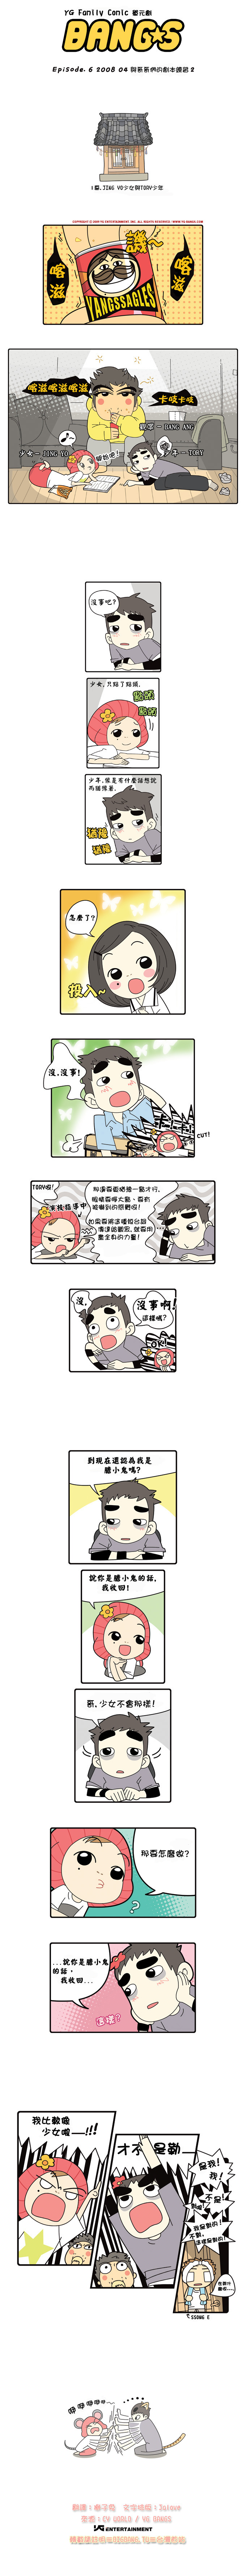 中譯 20090604_Episode 6_200804 與哥哥們的劇本練習 第1幕.jpg